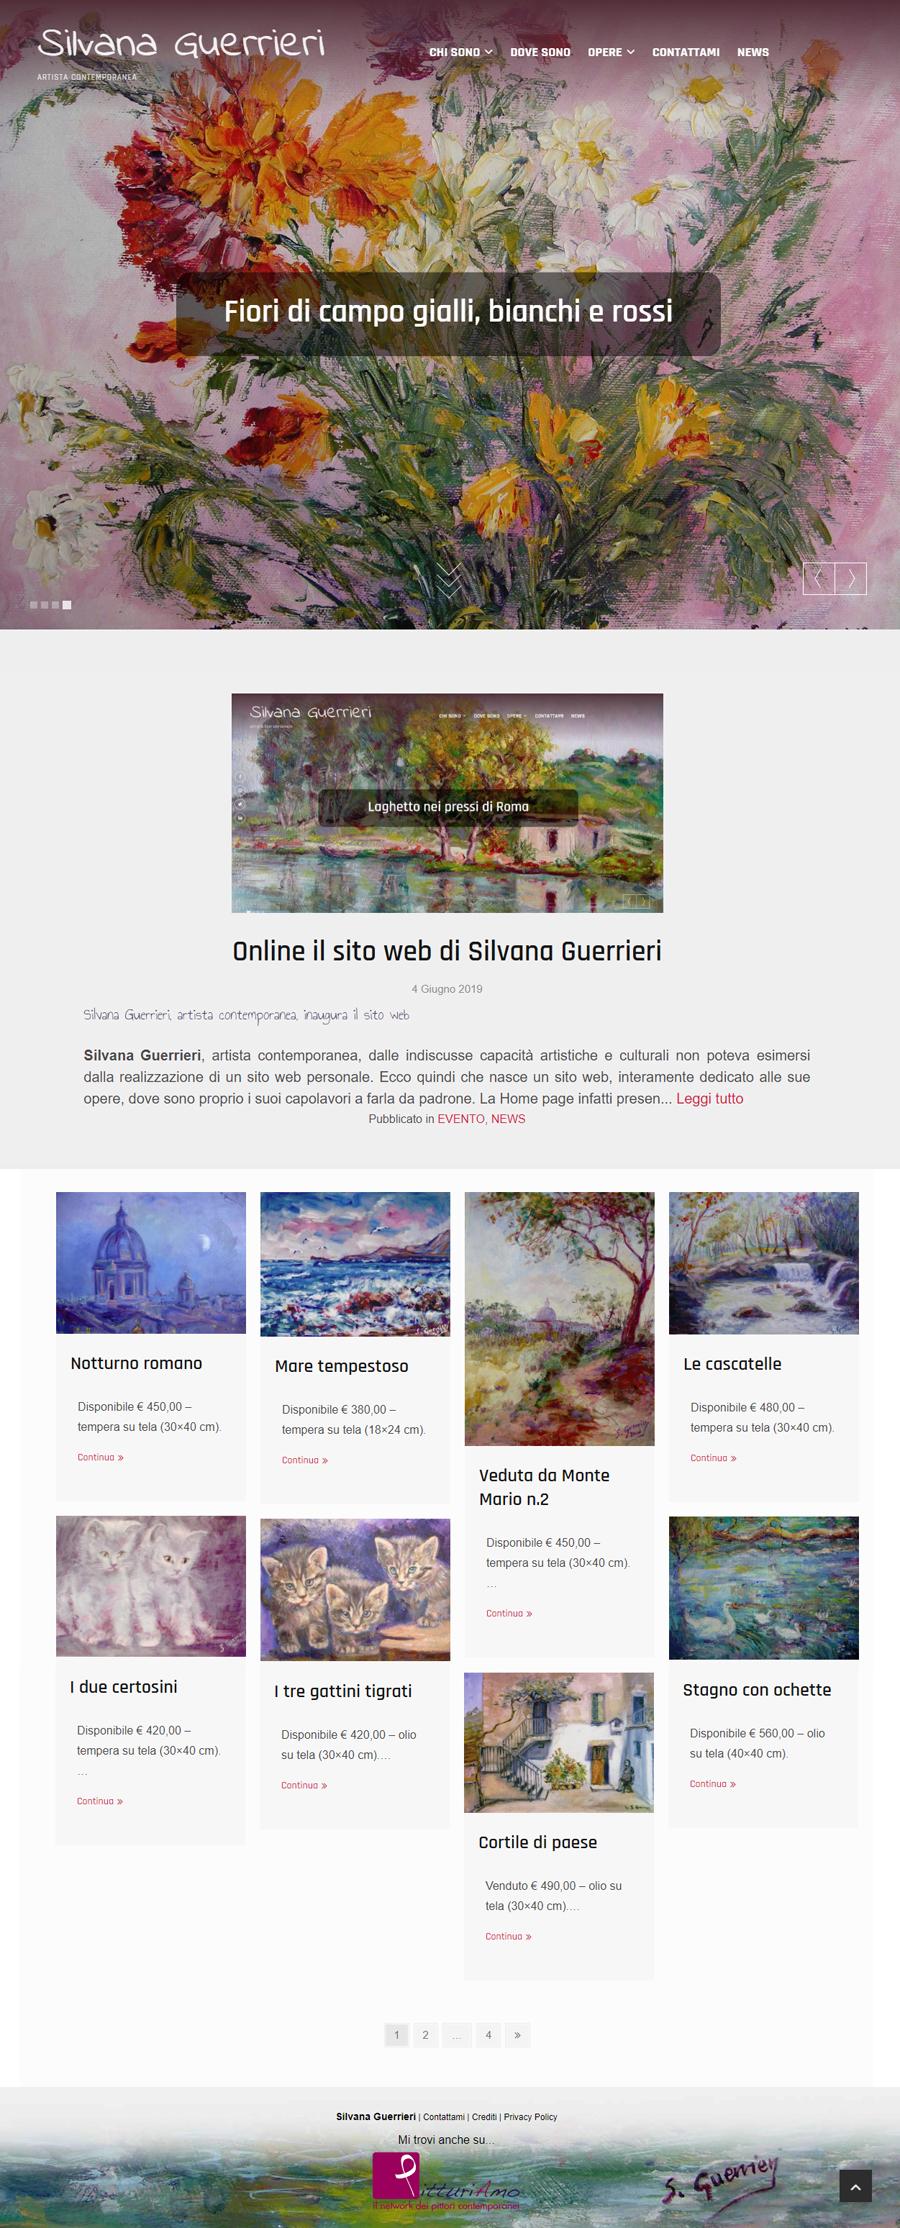 Il sito d'artista di Silvana Guerrieri - Homepage